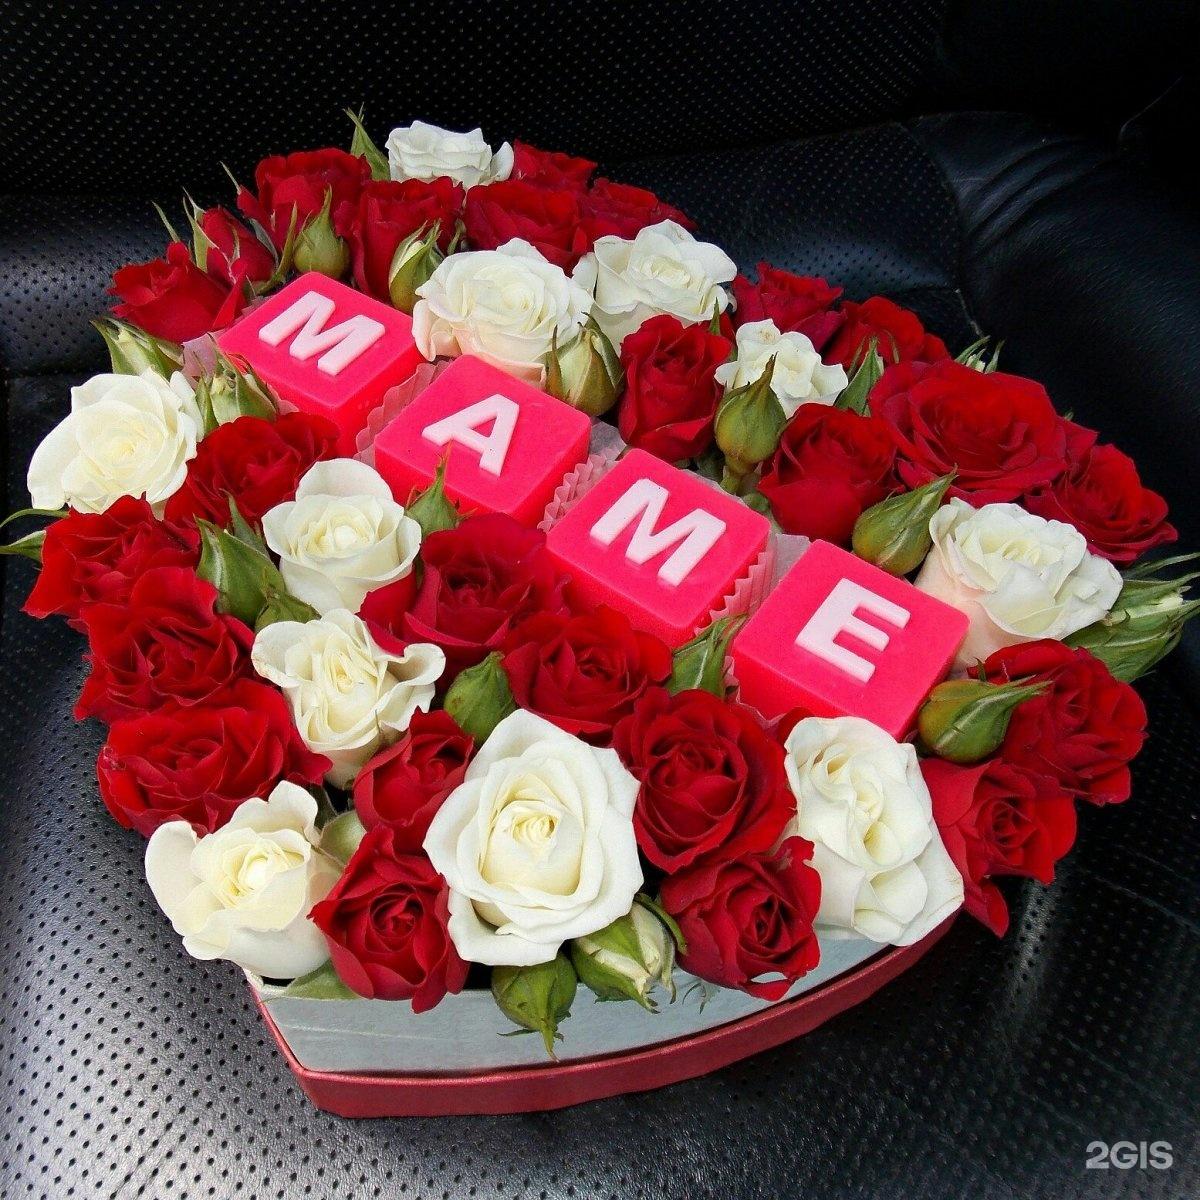 Марта, картинки с цветами красивые для мамы